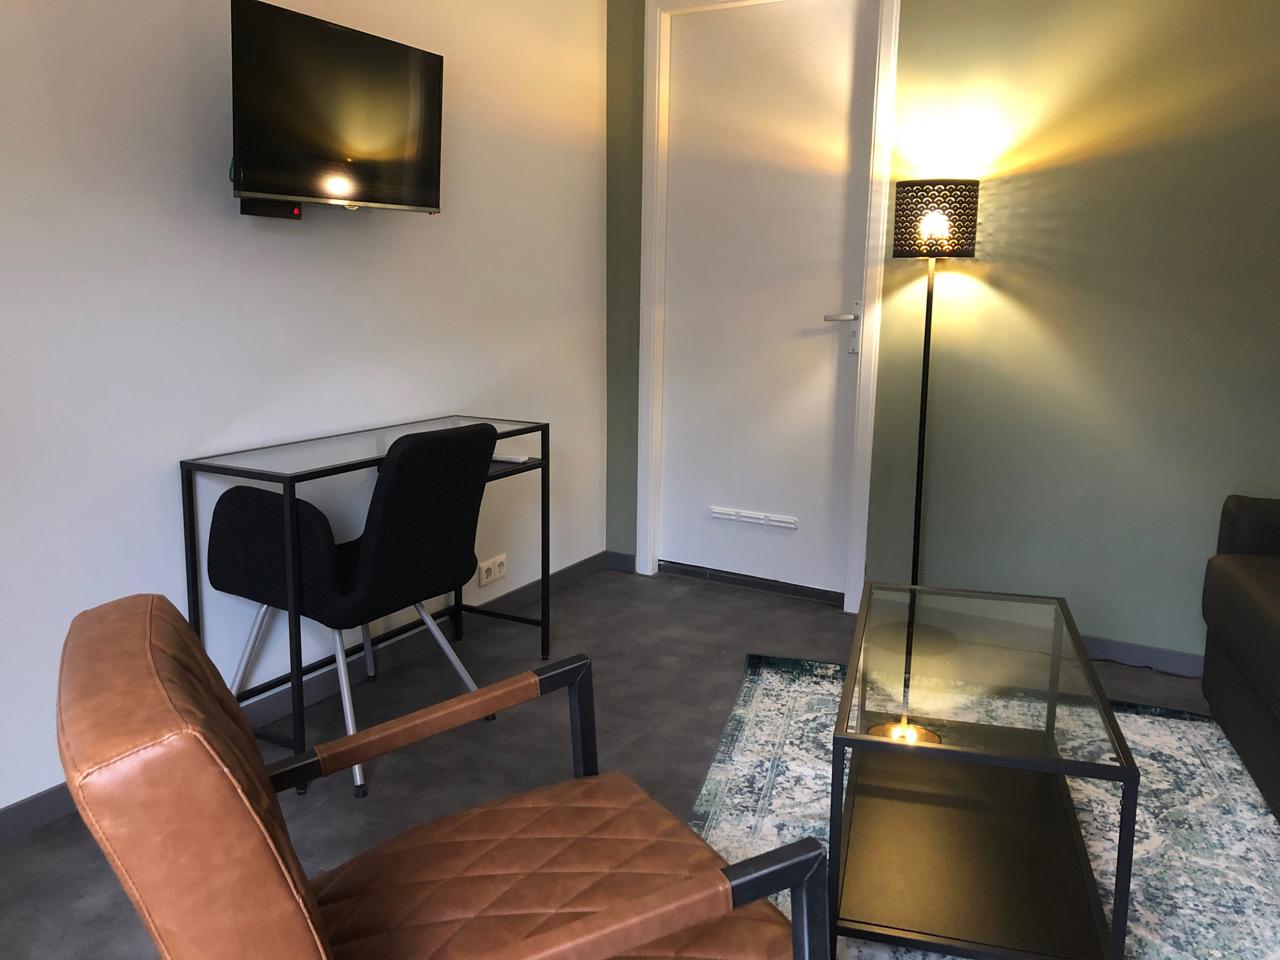 Woonkamer-Livingroom-wohnzimmer-Frans-Hals-1